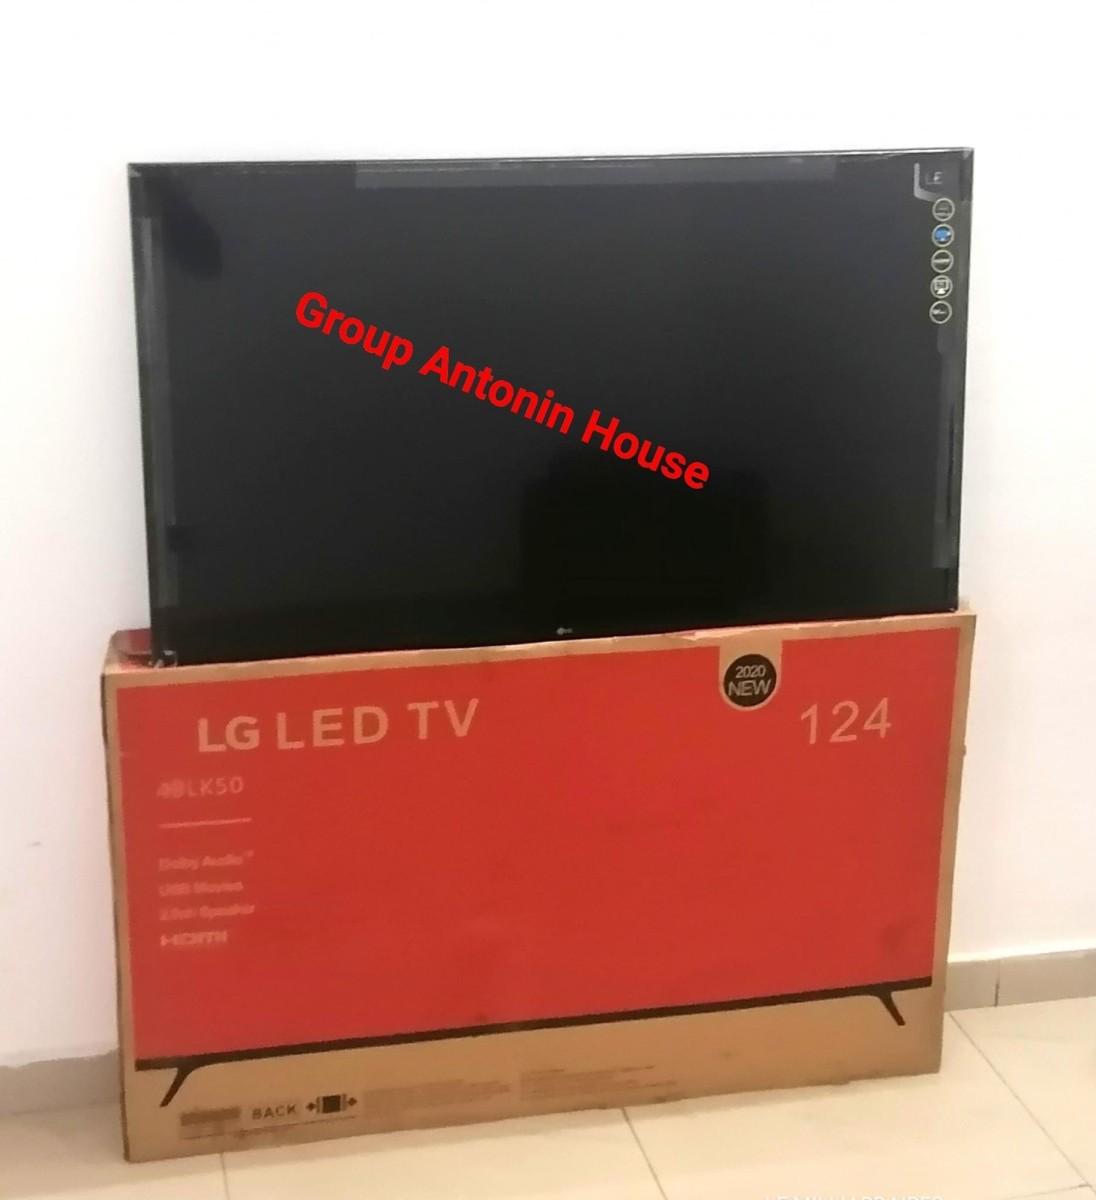 offrez-vous-des-televisions-led-full-option-smart-4k-a-des-prix-reduits-big-4